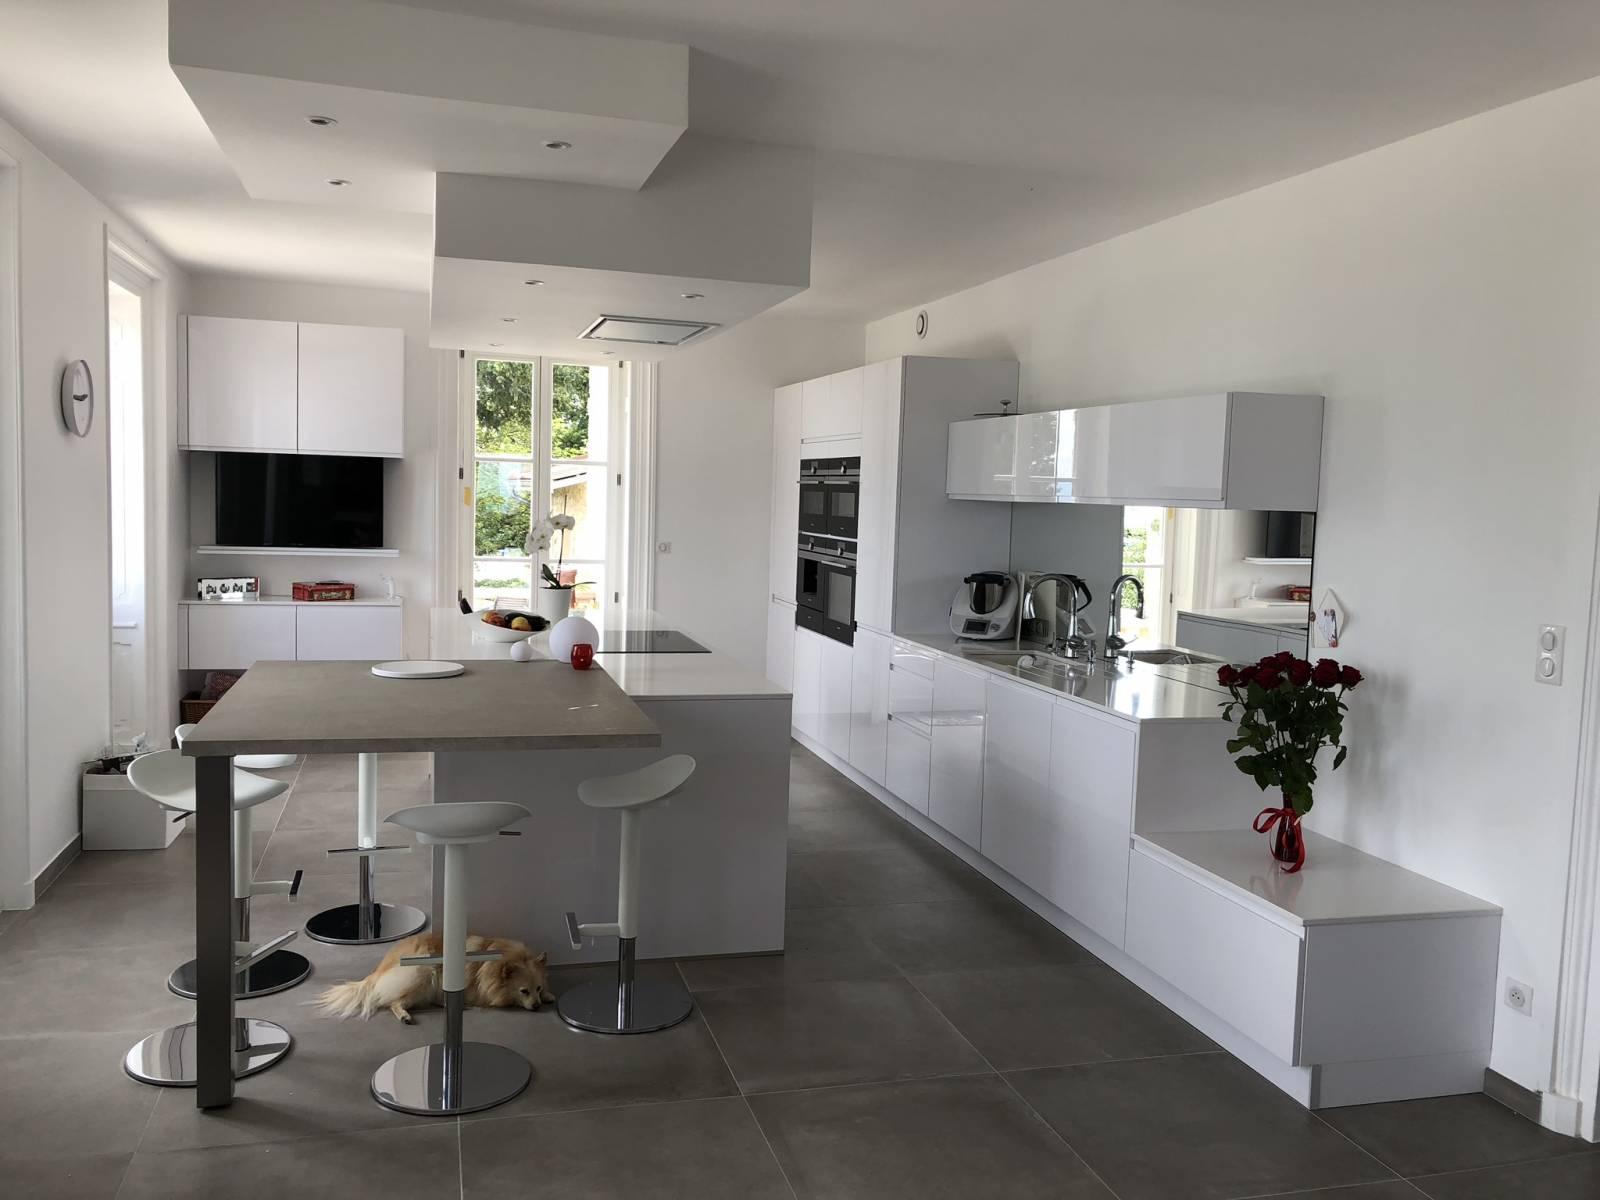 cuisine moderne blanc laqu lyon cuisiniste haut de gamme lyon am nagement cuisine. Black Bedroom Furniture Sets. Home Design Ideas